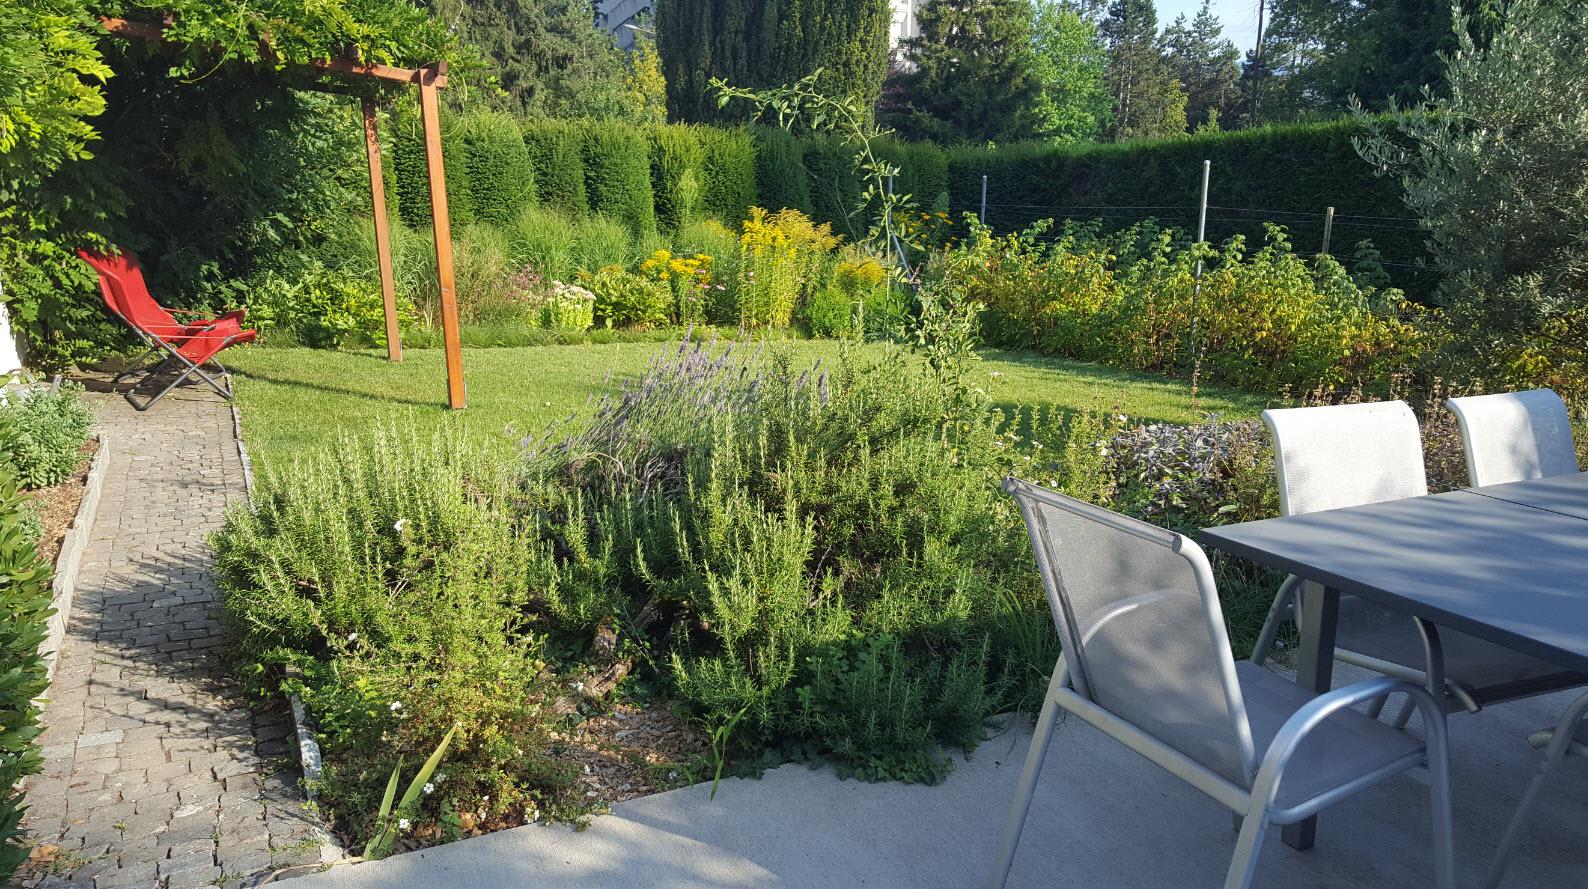 Bed and breakfast with garden Geneva